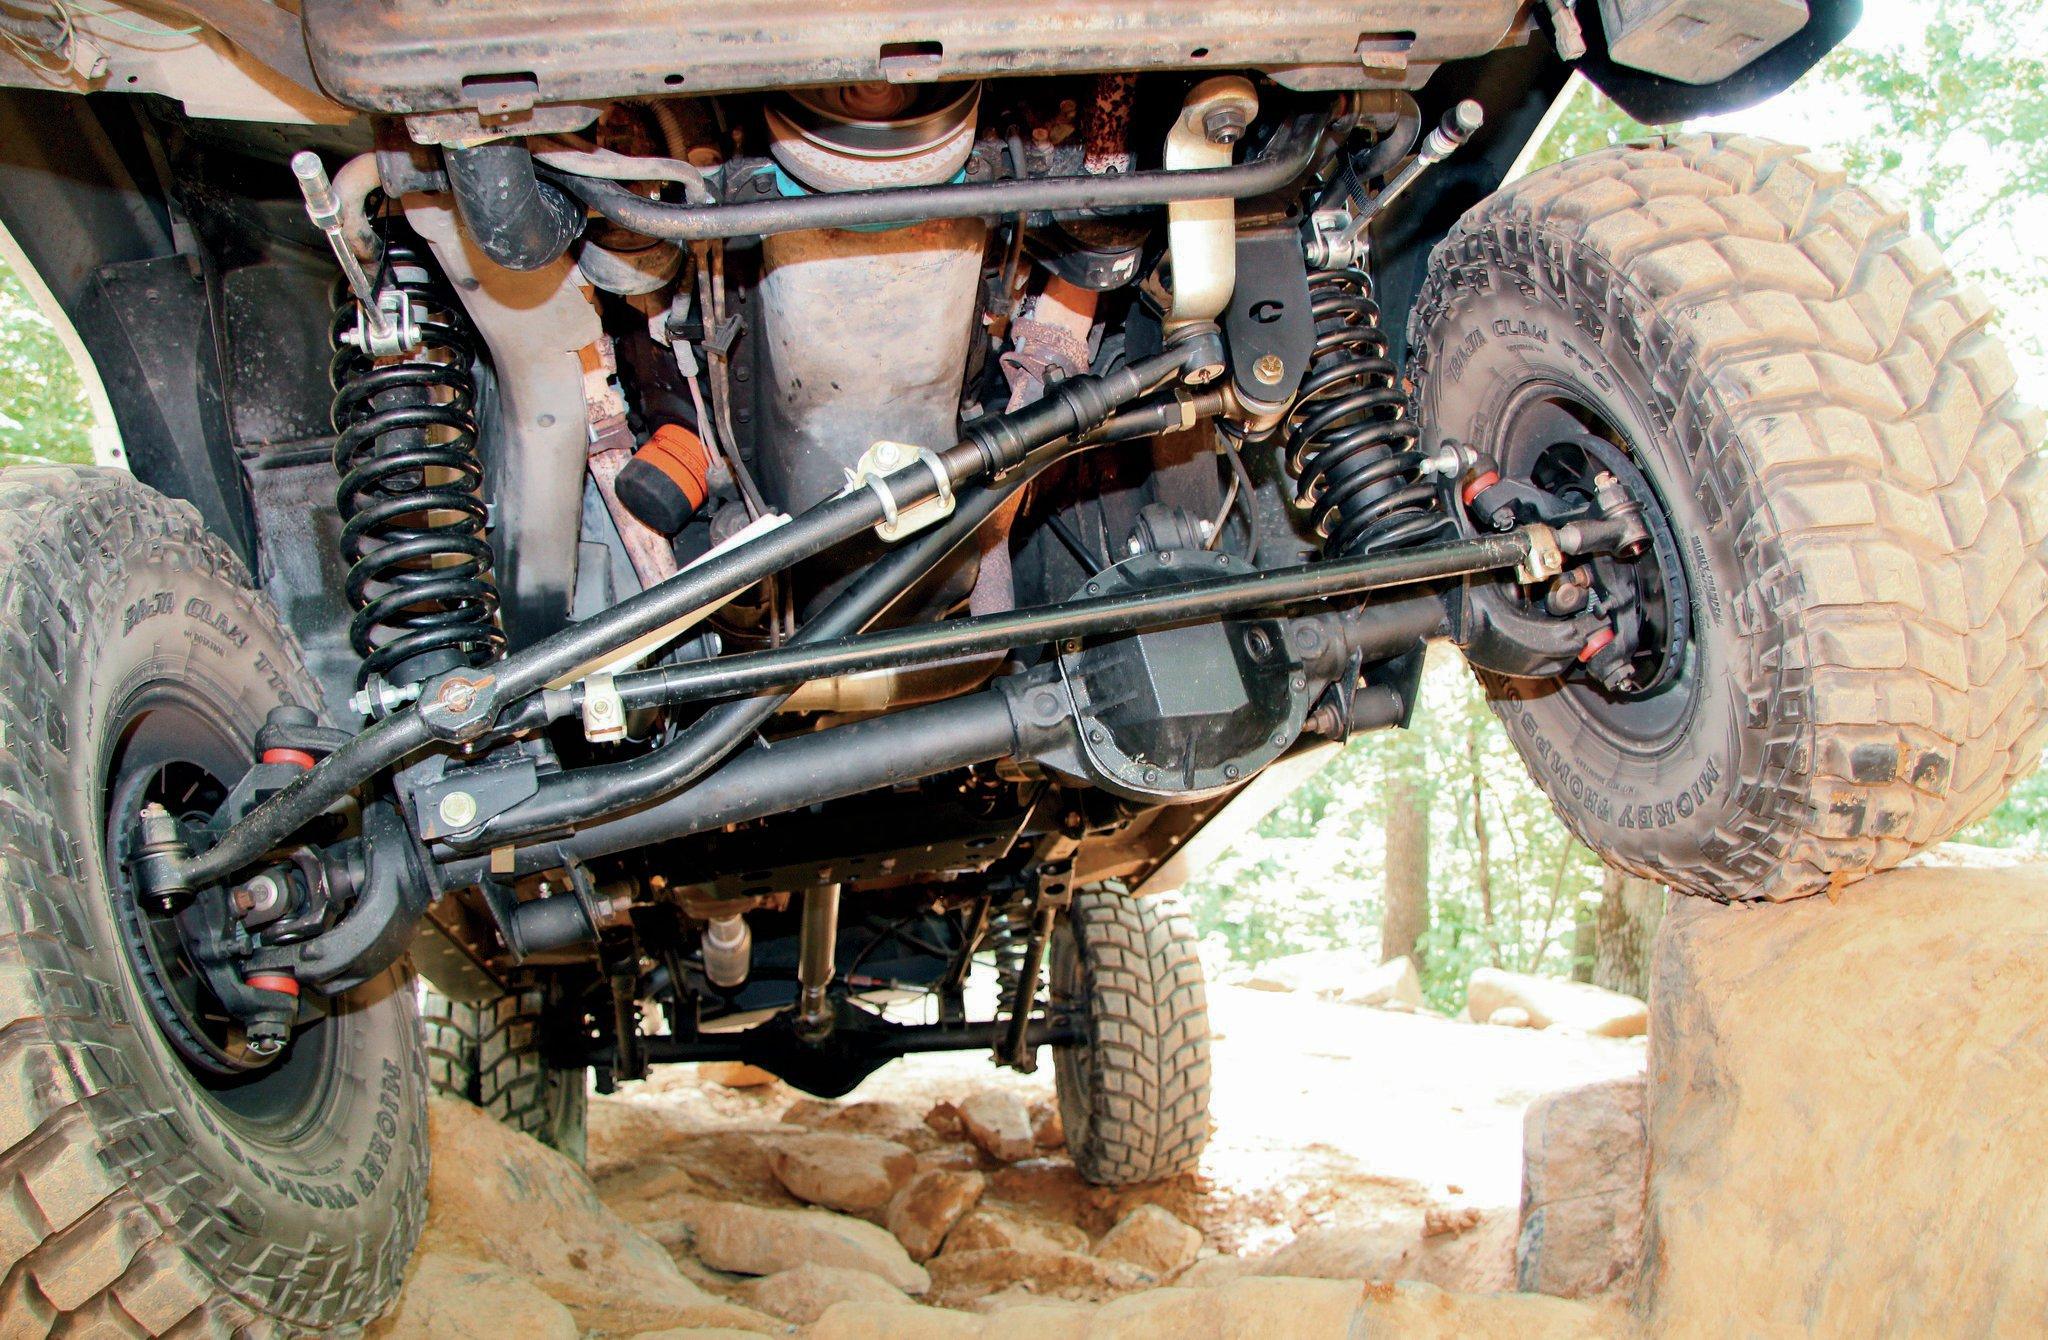 1996 grand cherokee front axle [ 2048 x 1340 Pixel ]